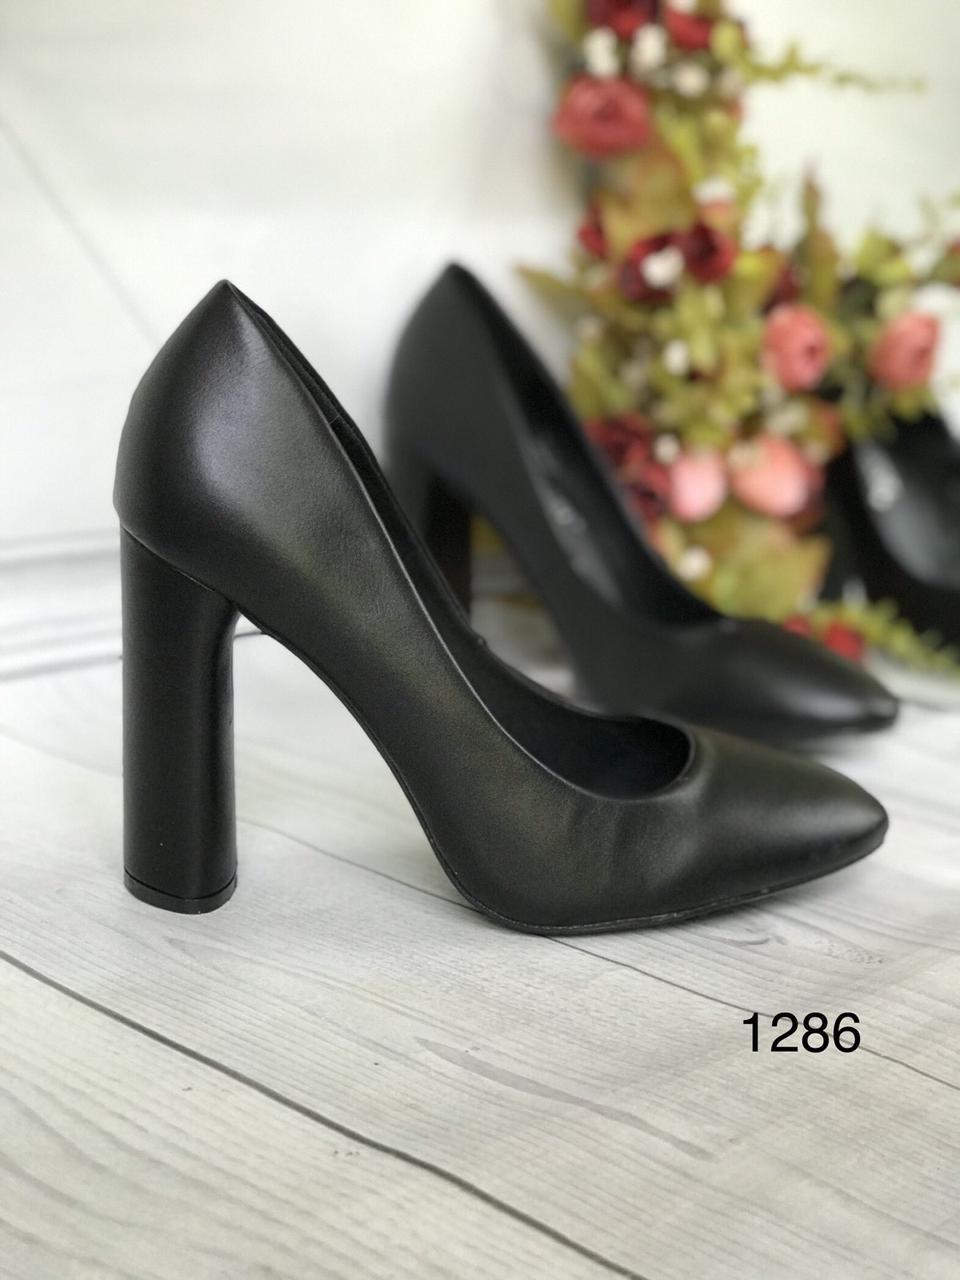 Чорні жіночі туфлі широкий каблук 10см